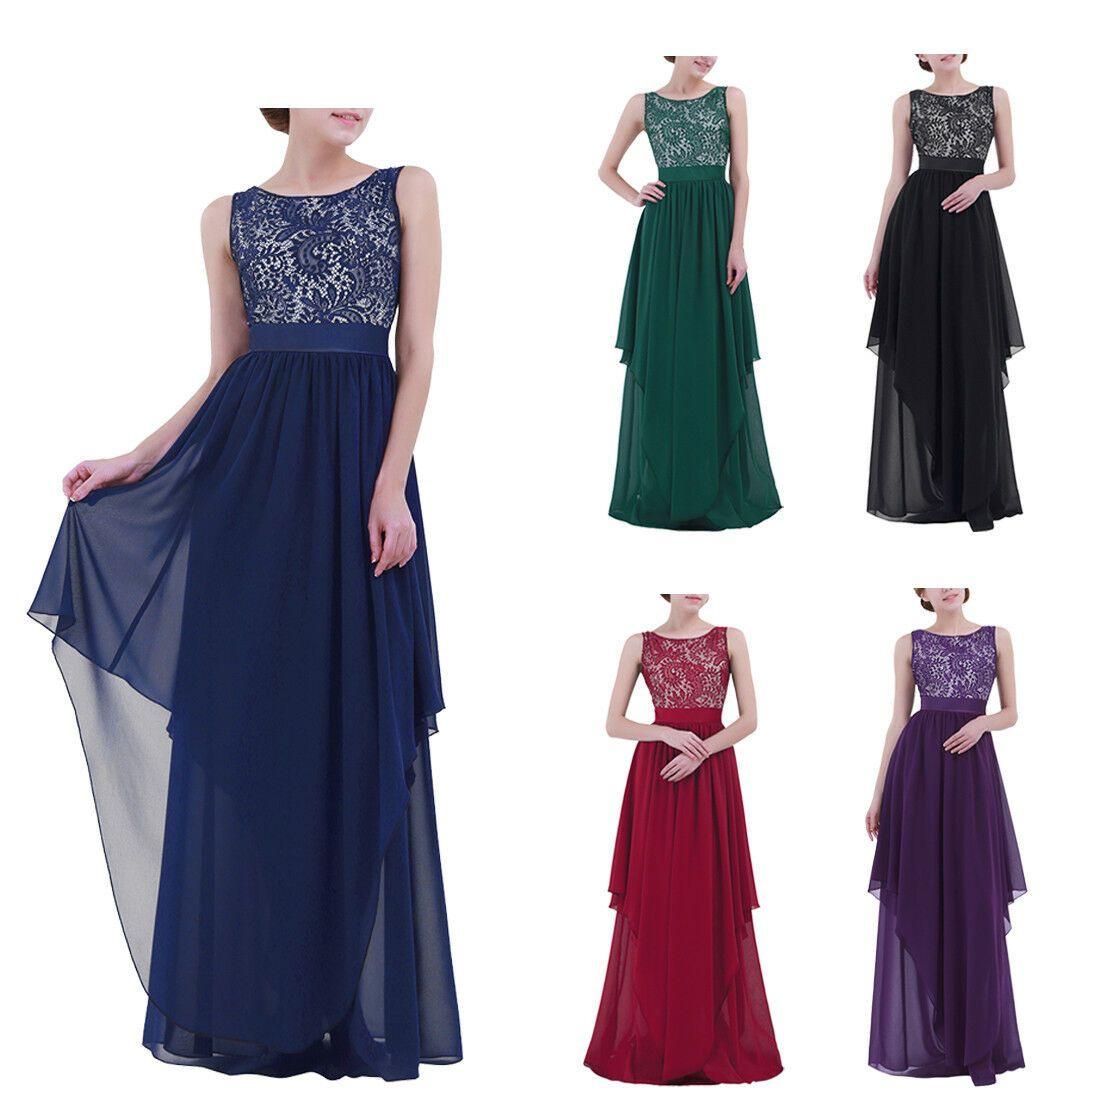 Damen Elegant Kleid Festlich Hochzeit Maxi Kleider